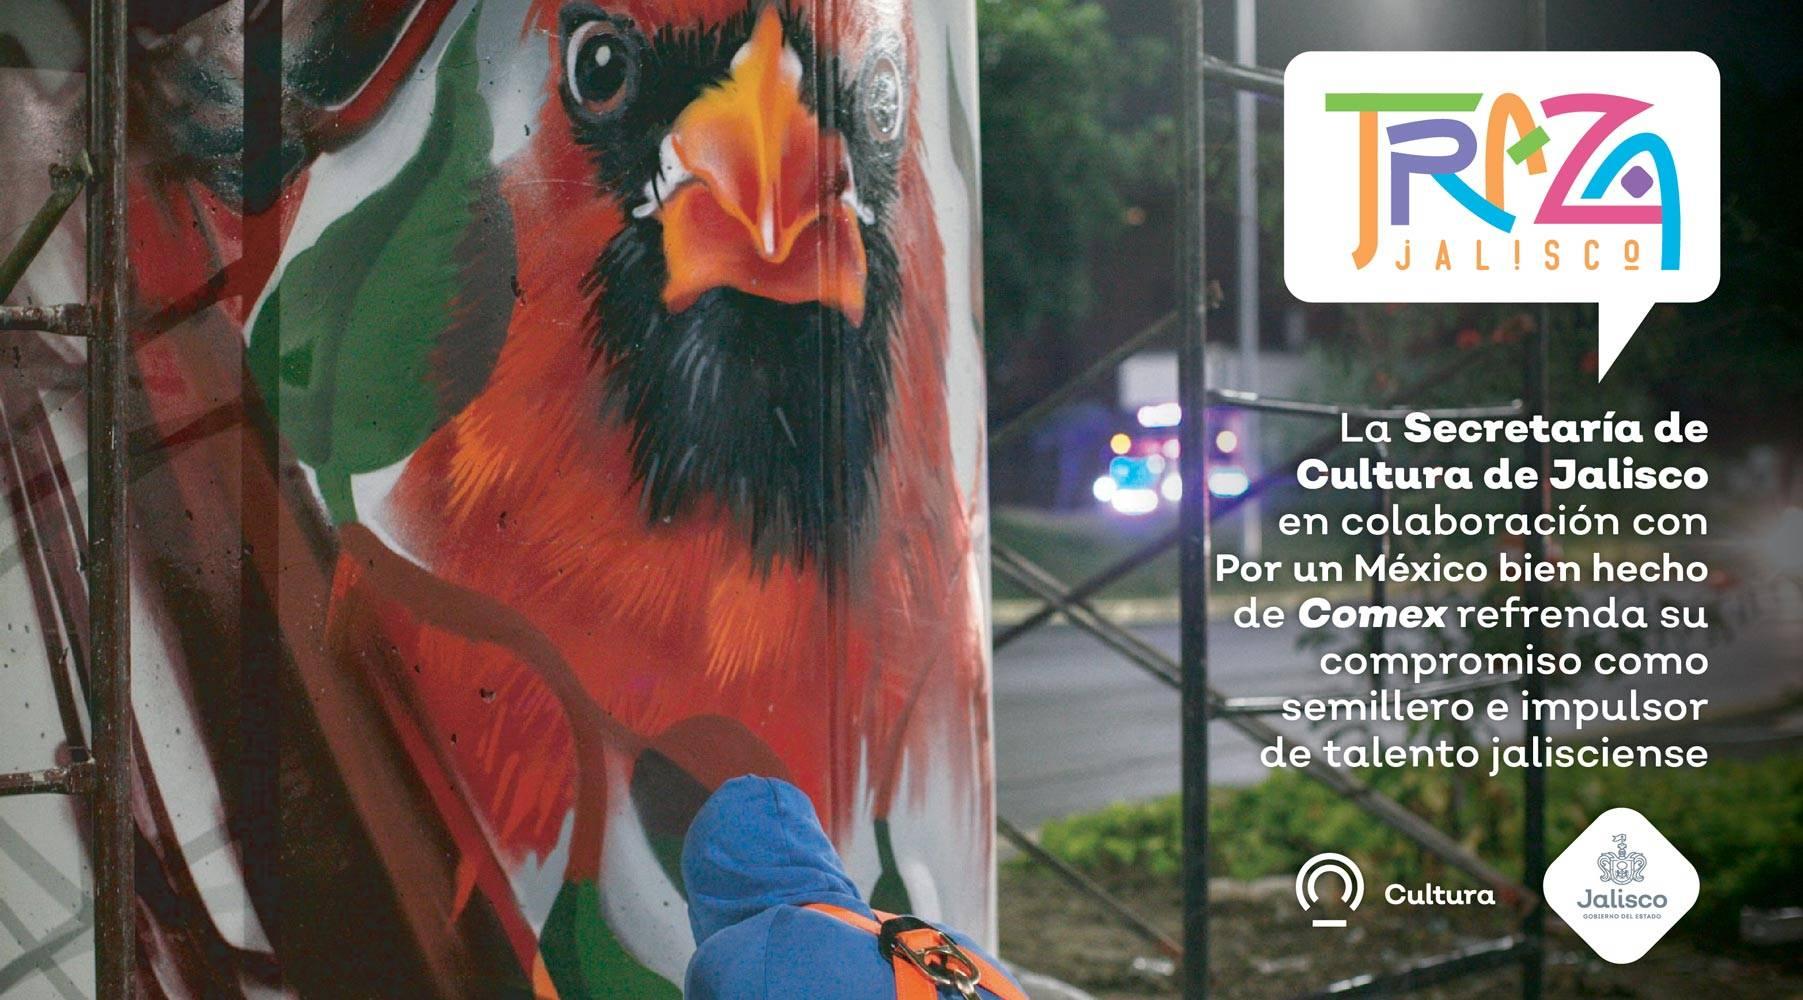 Anuncio Gobierno de Jalisco edición Guadalajara del 26 de Octubre del 2020, Página 05